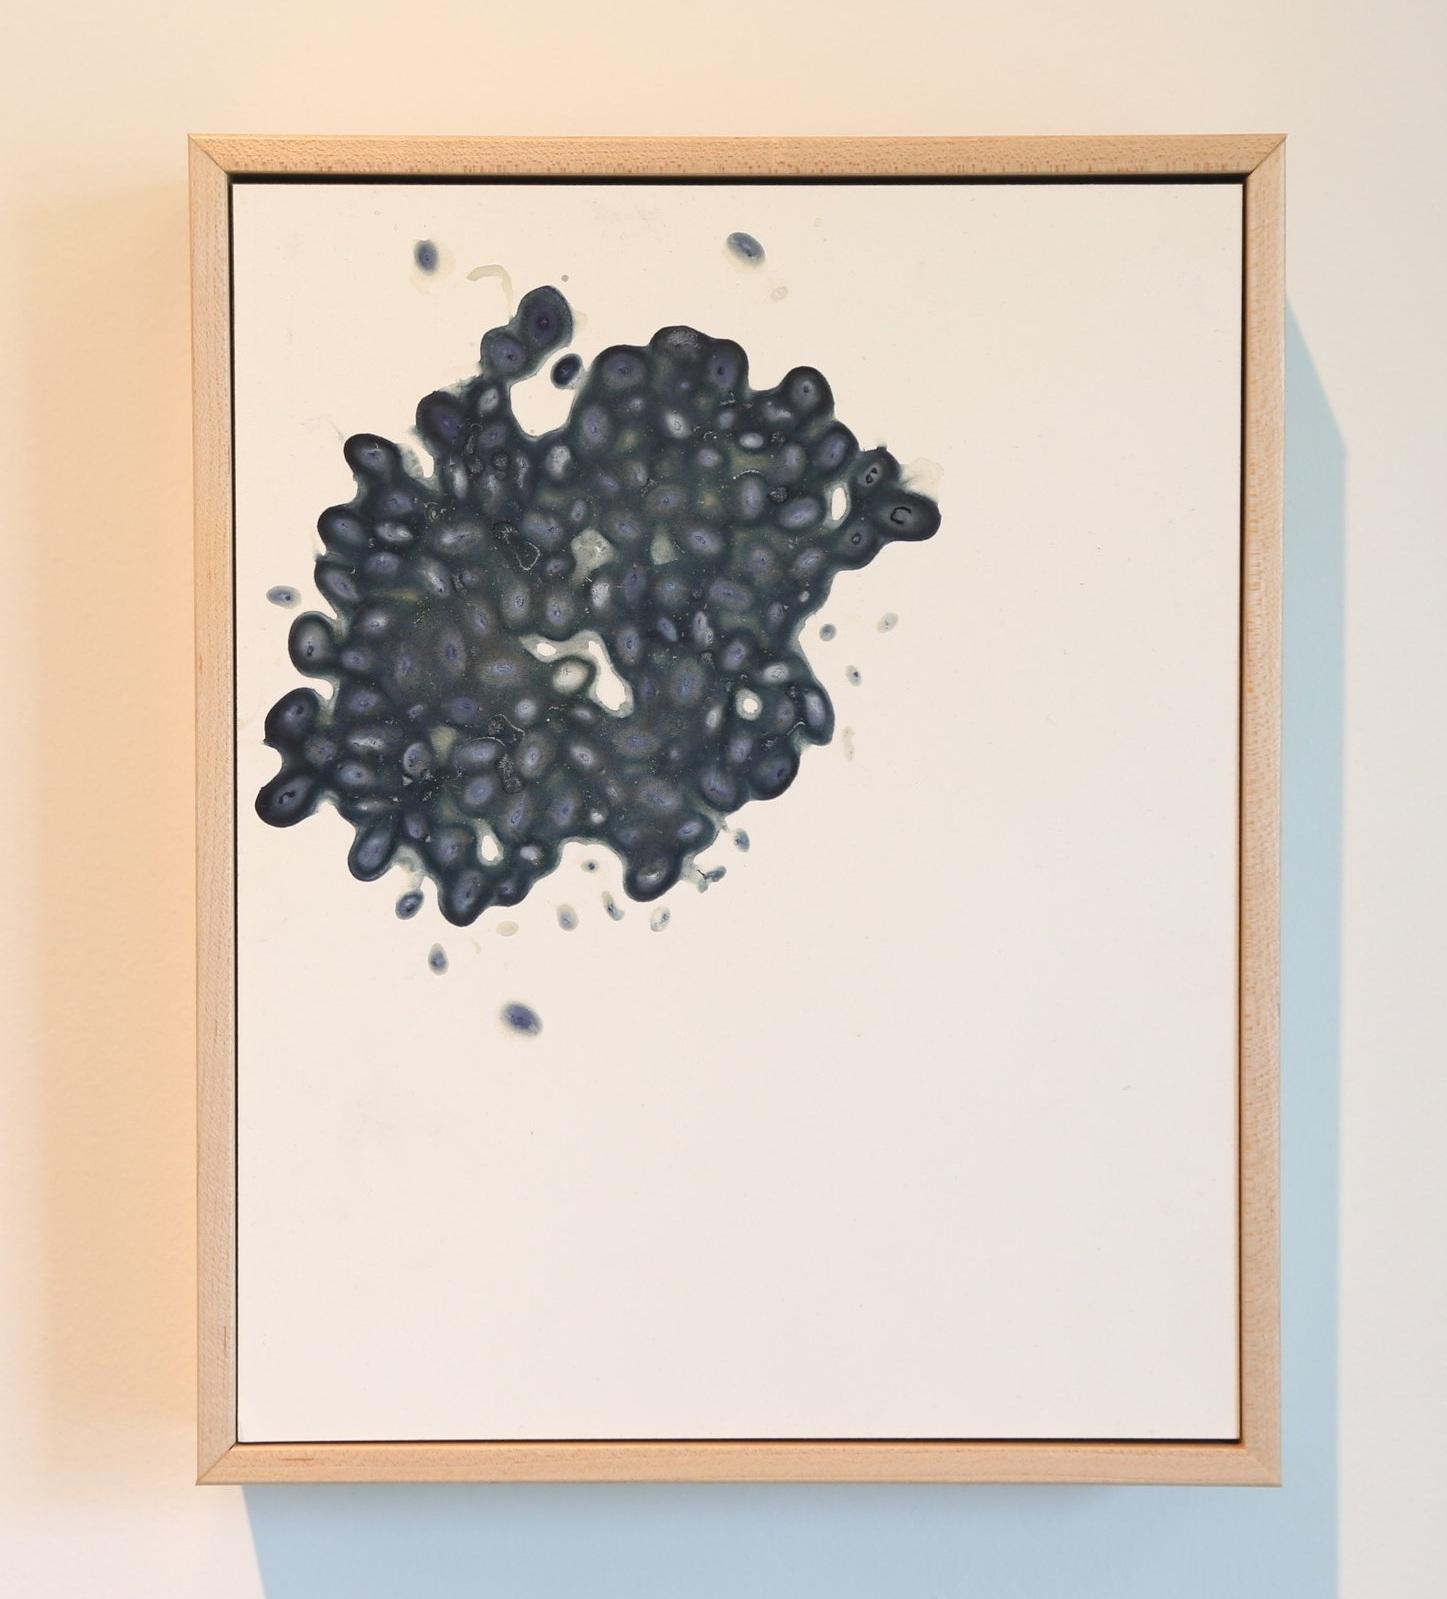 Black Bean After Image